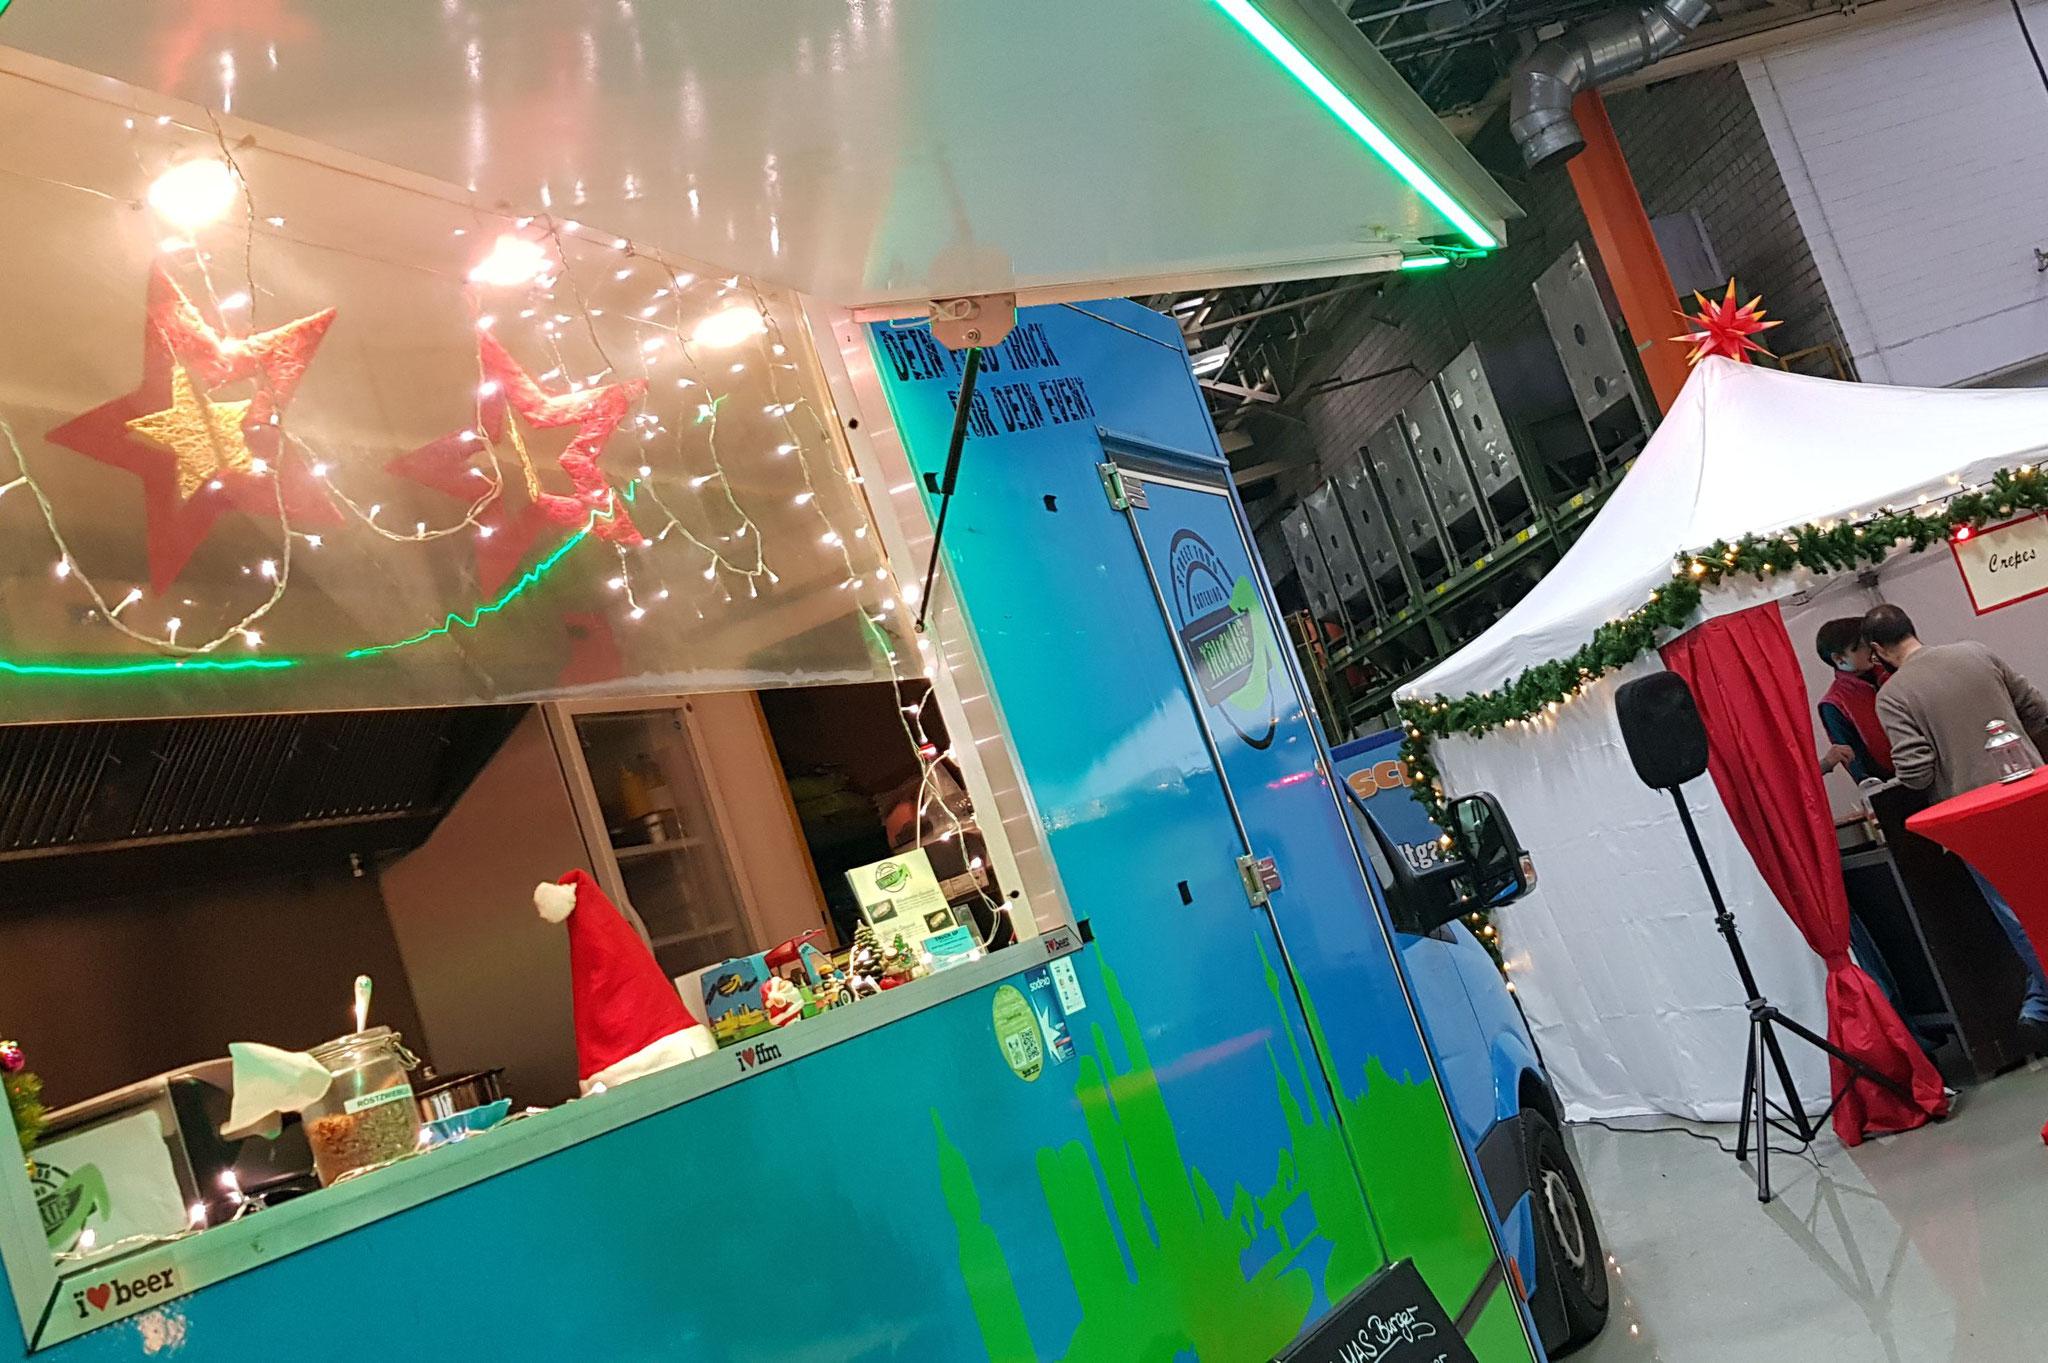 <h2> NEU! Streetfood Weihnachtsmarkt </h2> Die neue Art Weihnachten zu feiern!